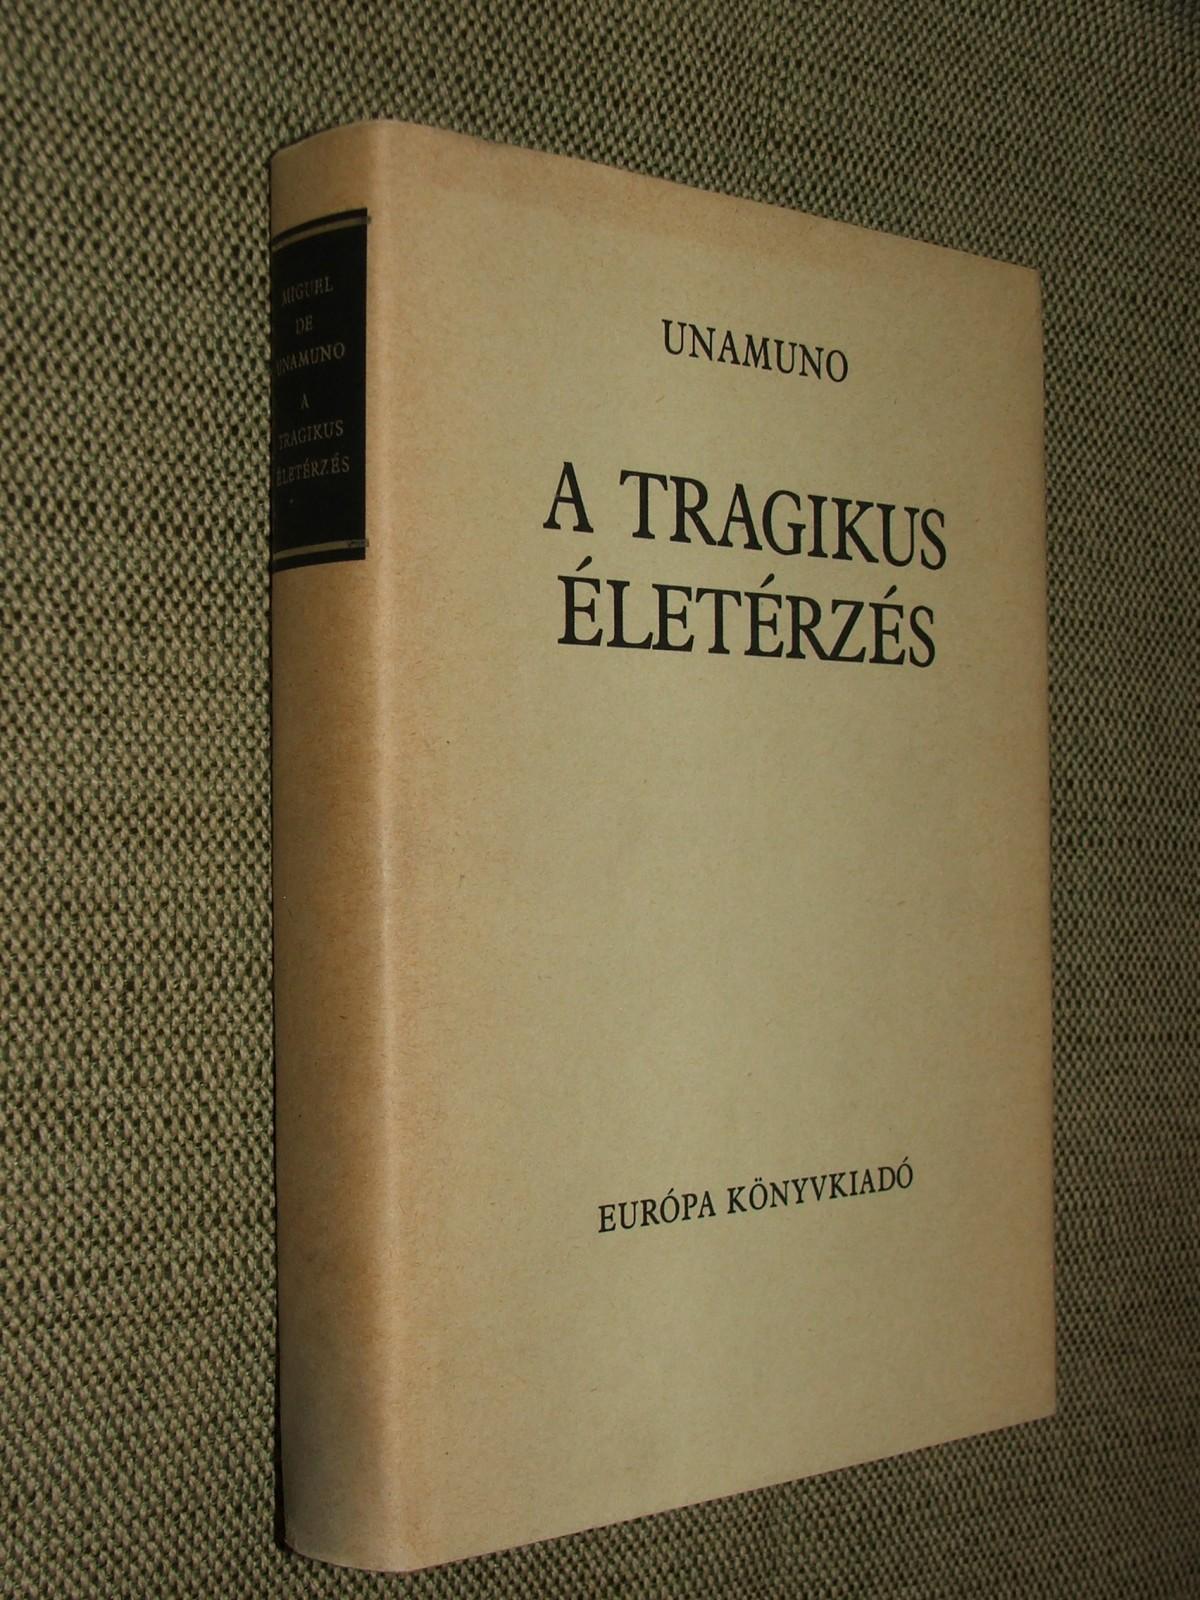 UNAMUNO, Miguel de: A tragikus életérzés